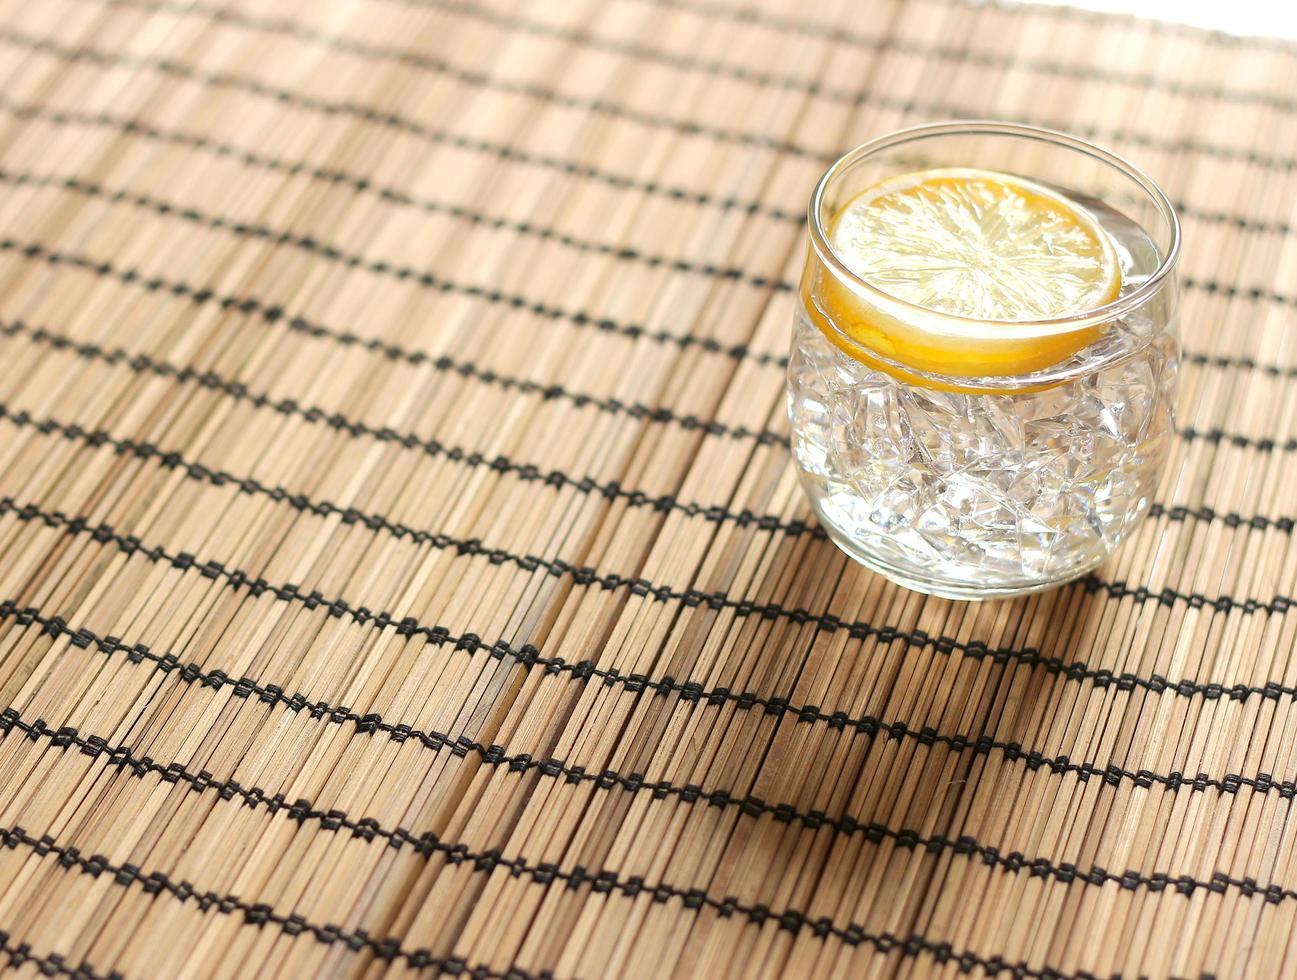 glas vatten på bordet foto